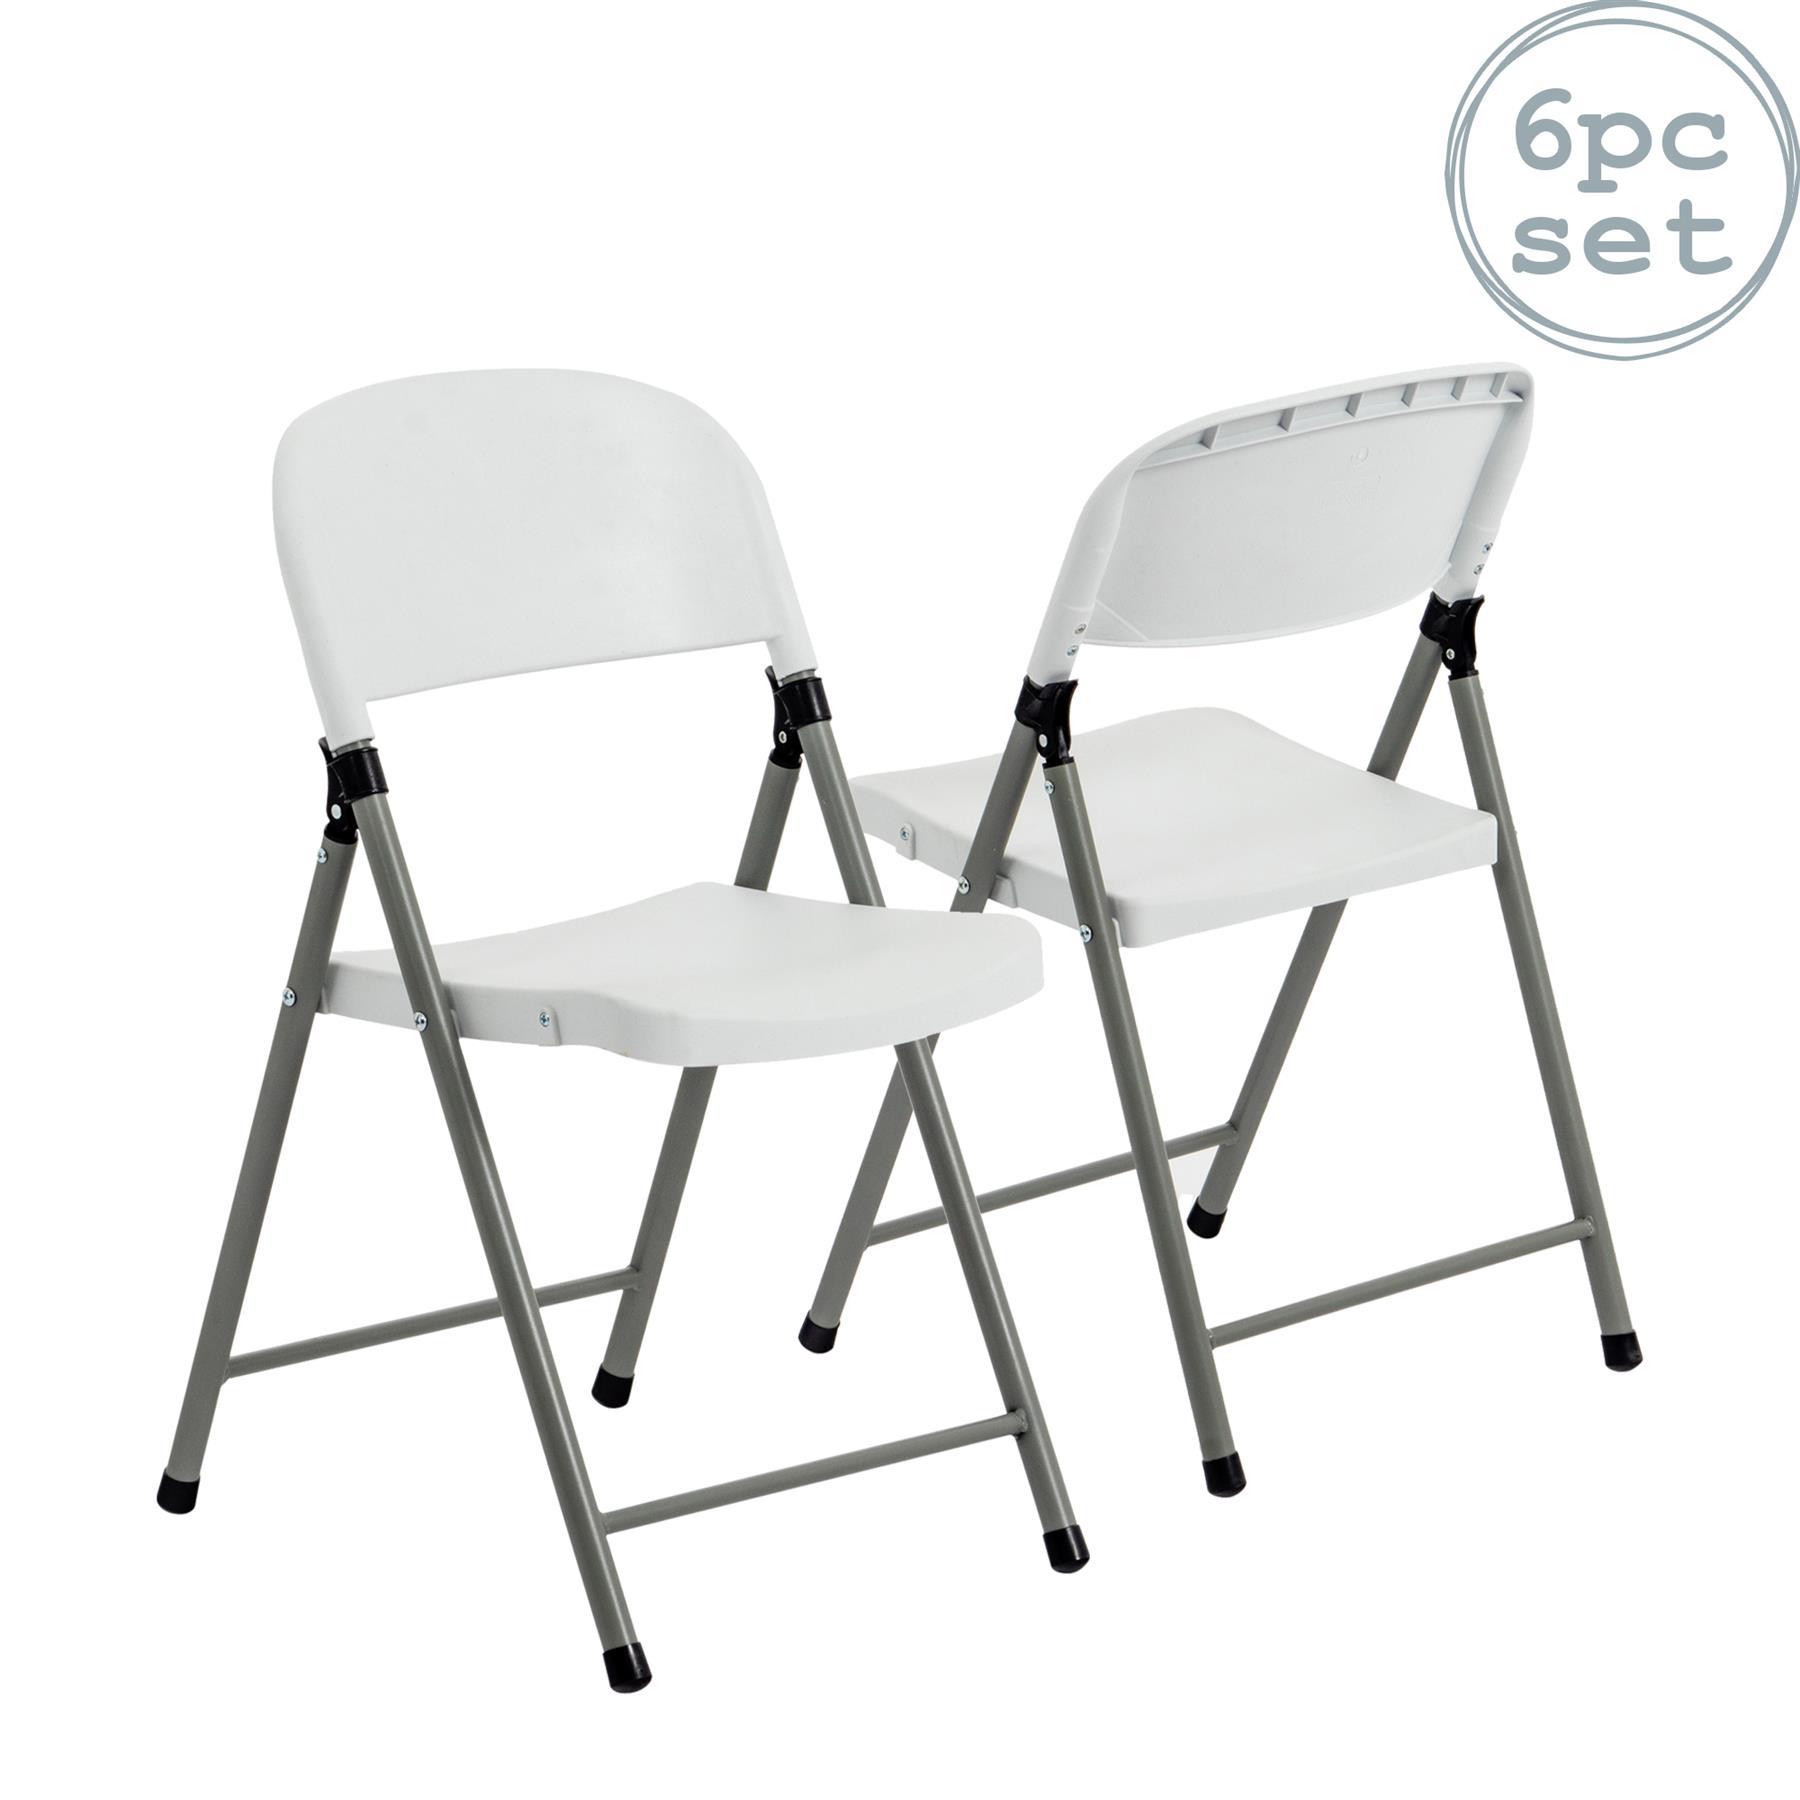 details sur chaise pliante interieur exterieur bureau jardin camping chaise x6